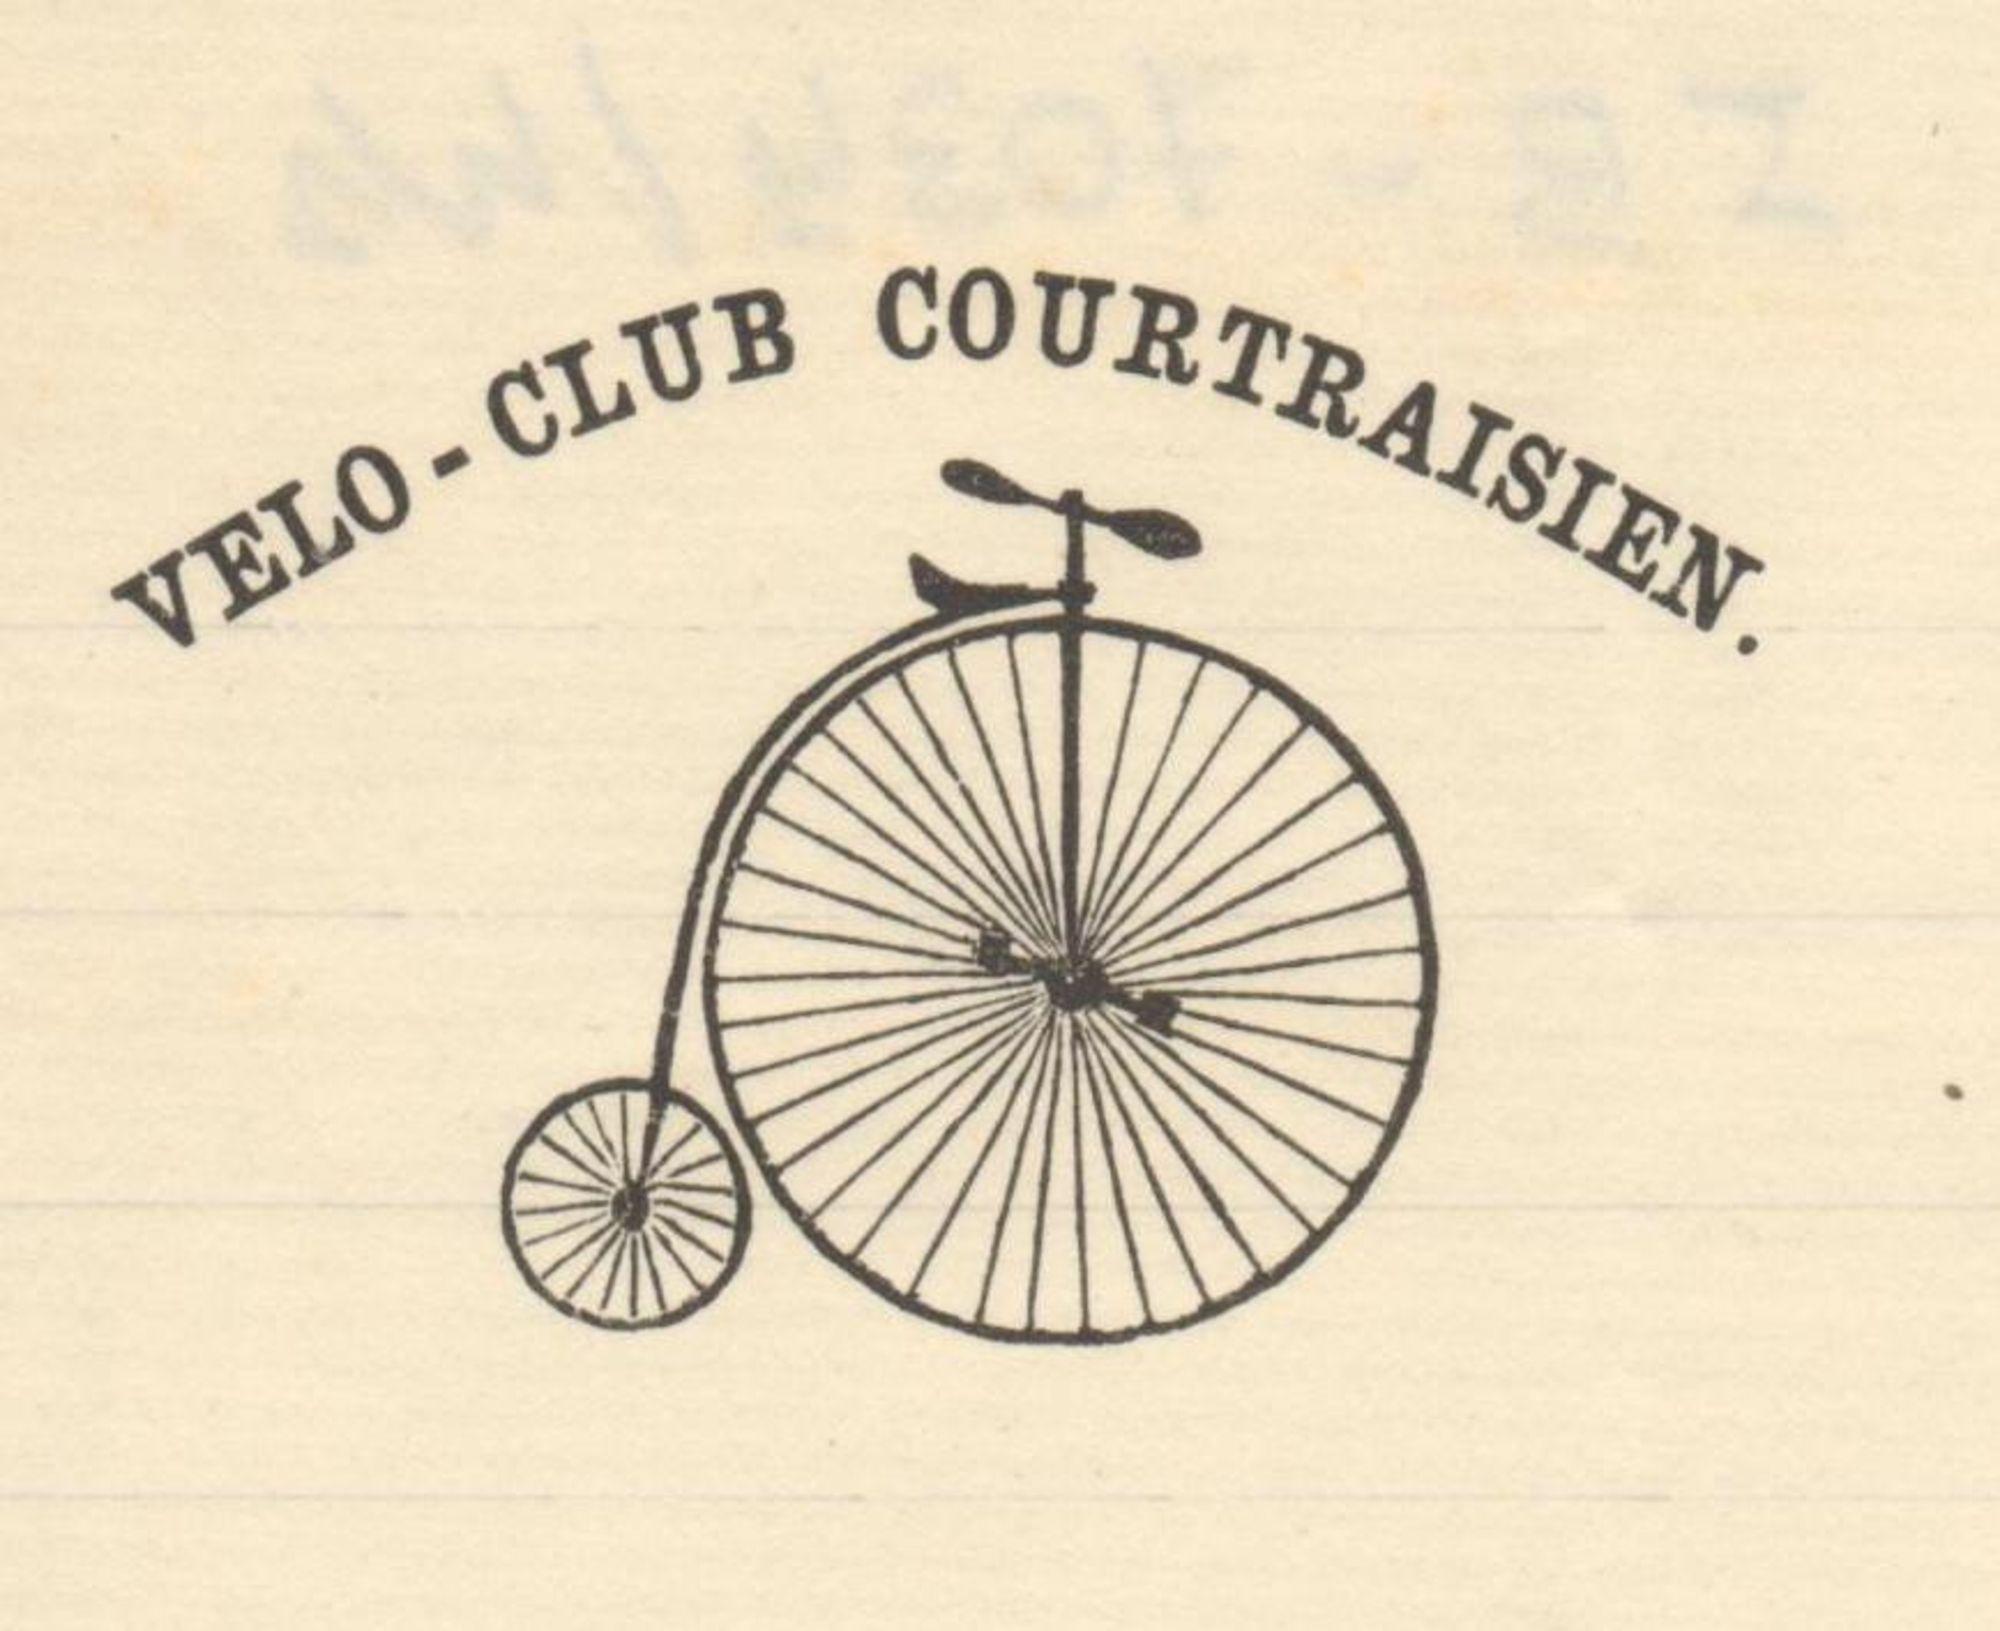 Velo-Club courtraisien                                      Vélo-club Courtraisien                     Velo-Club Courtraisien